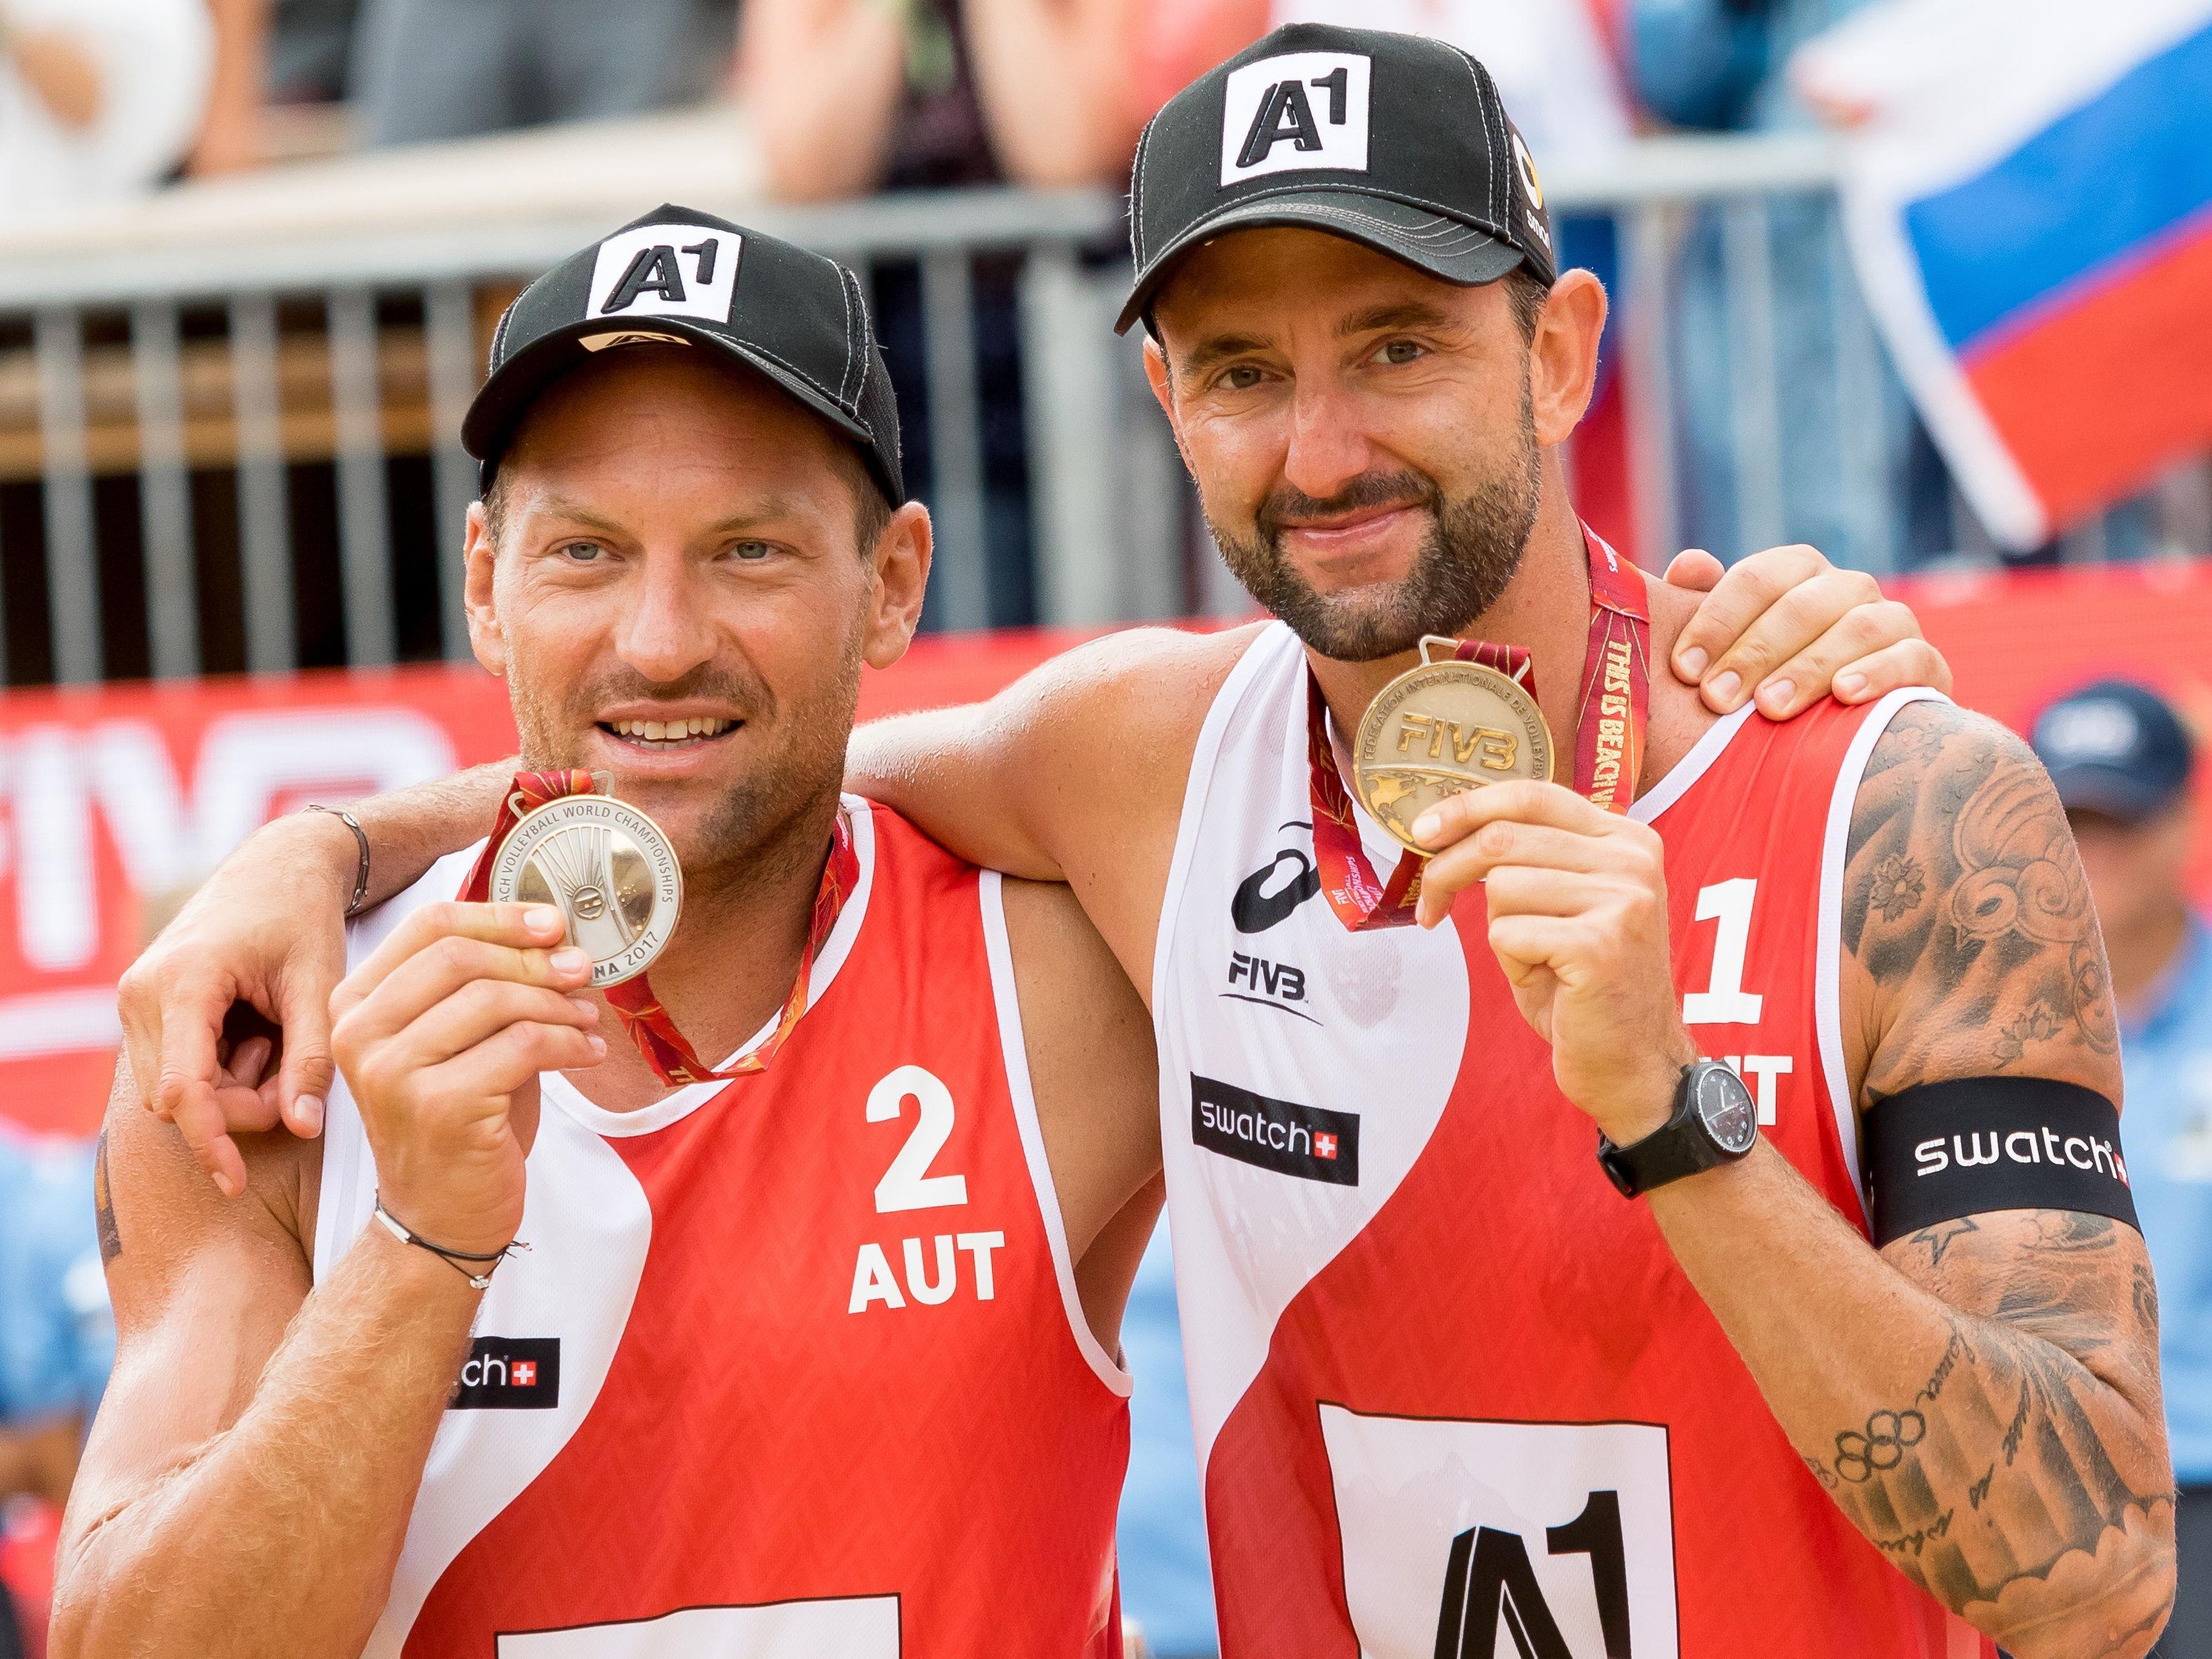 Alexander Horst und Clemens Doppler mit ihren Silbermedaillen bei der Heim-WM in Wien.